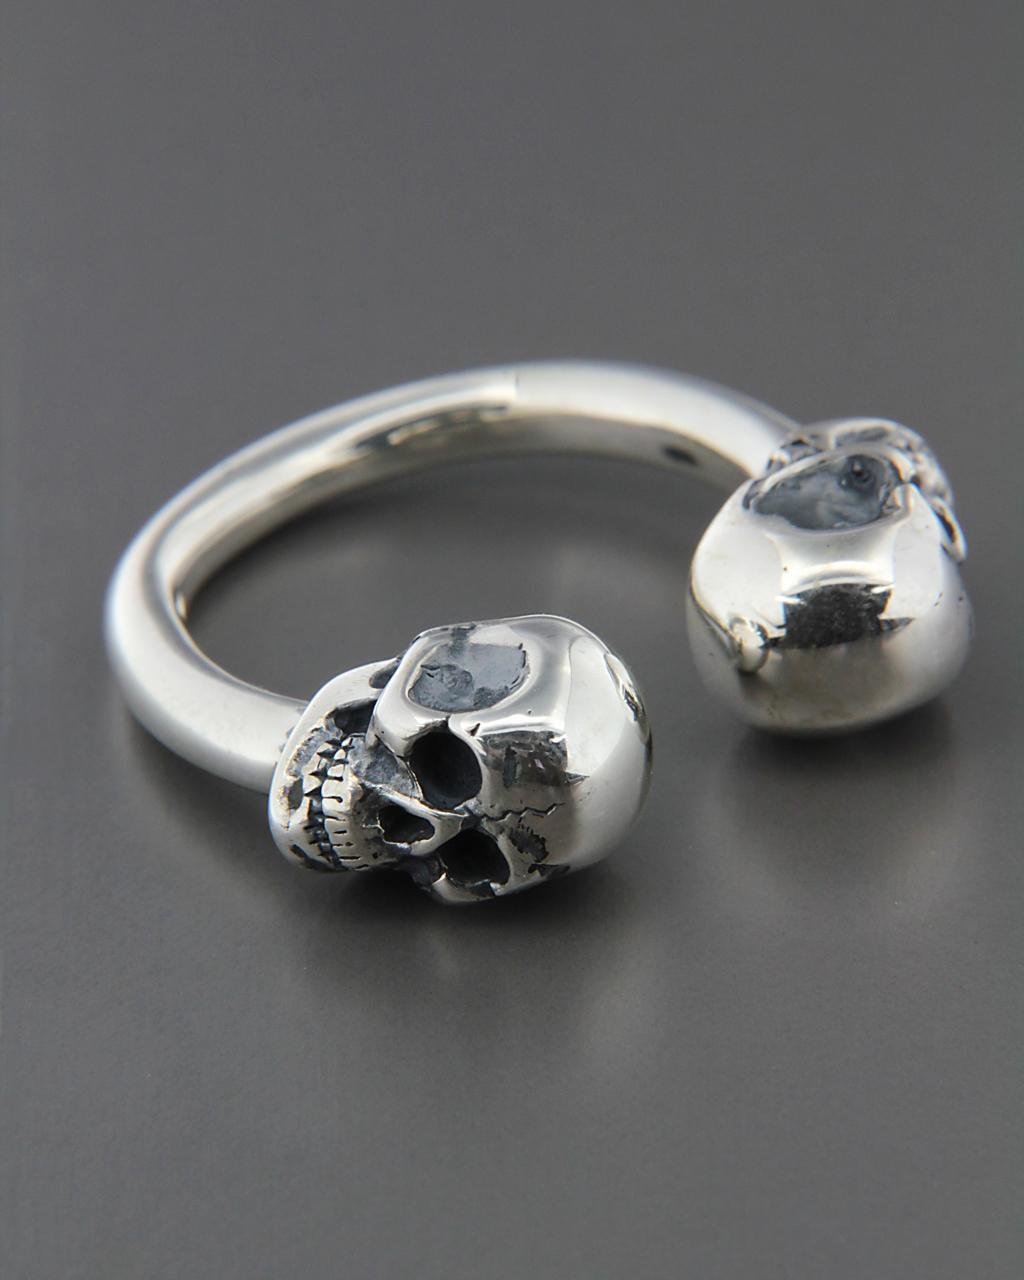 Ασημένιο δαχτυλίδι 925   ανδρασ δαχτυλίδια ανδρικά